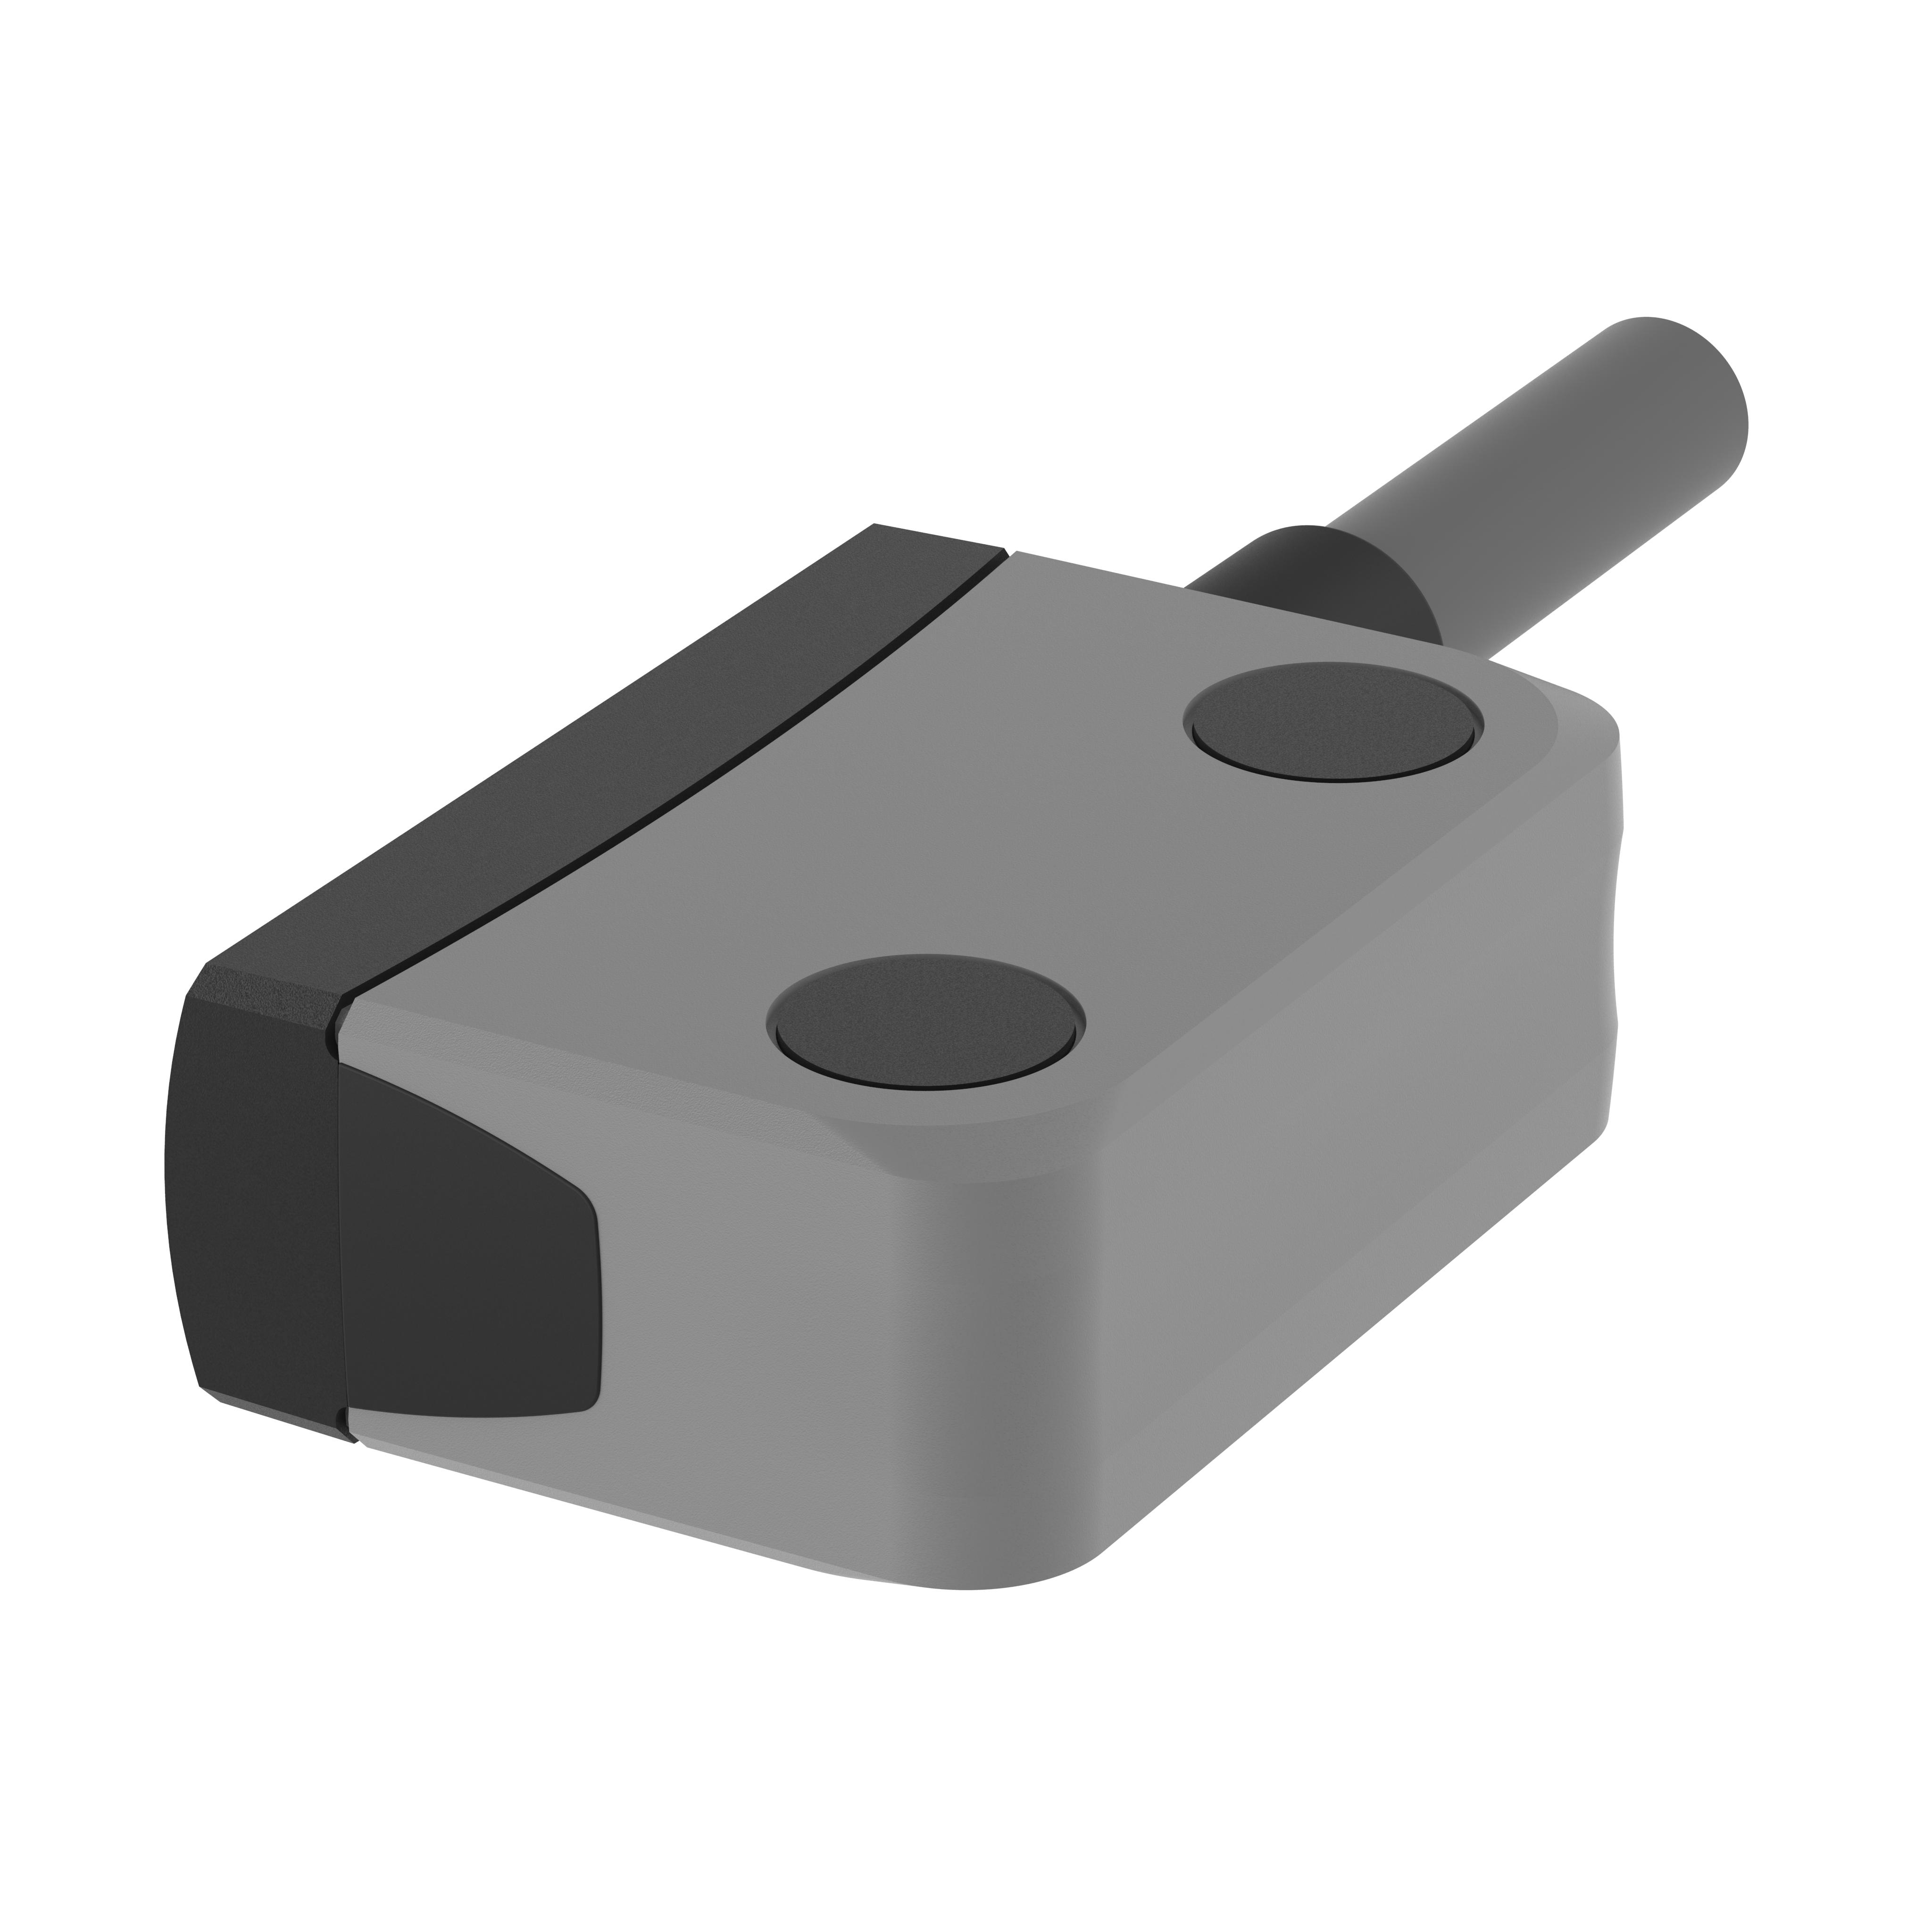 Sicherheitssensor eloProtect M - 153MSK00K1D - magnetisch betätigt - Schließer/Schließer, 1m Kabel